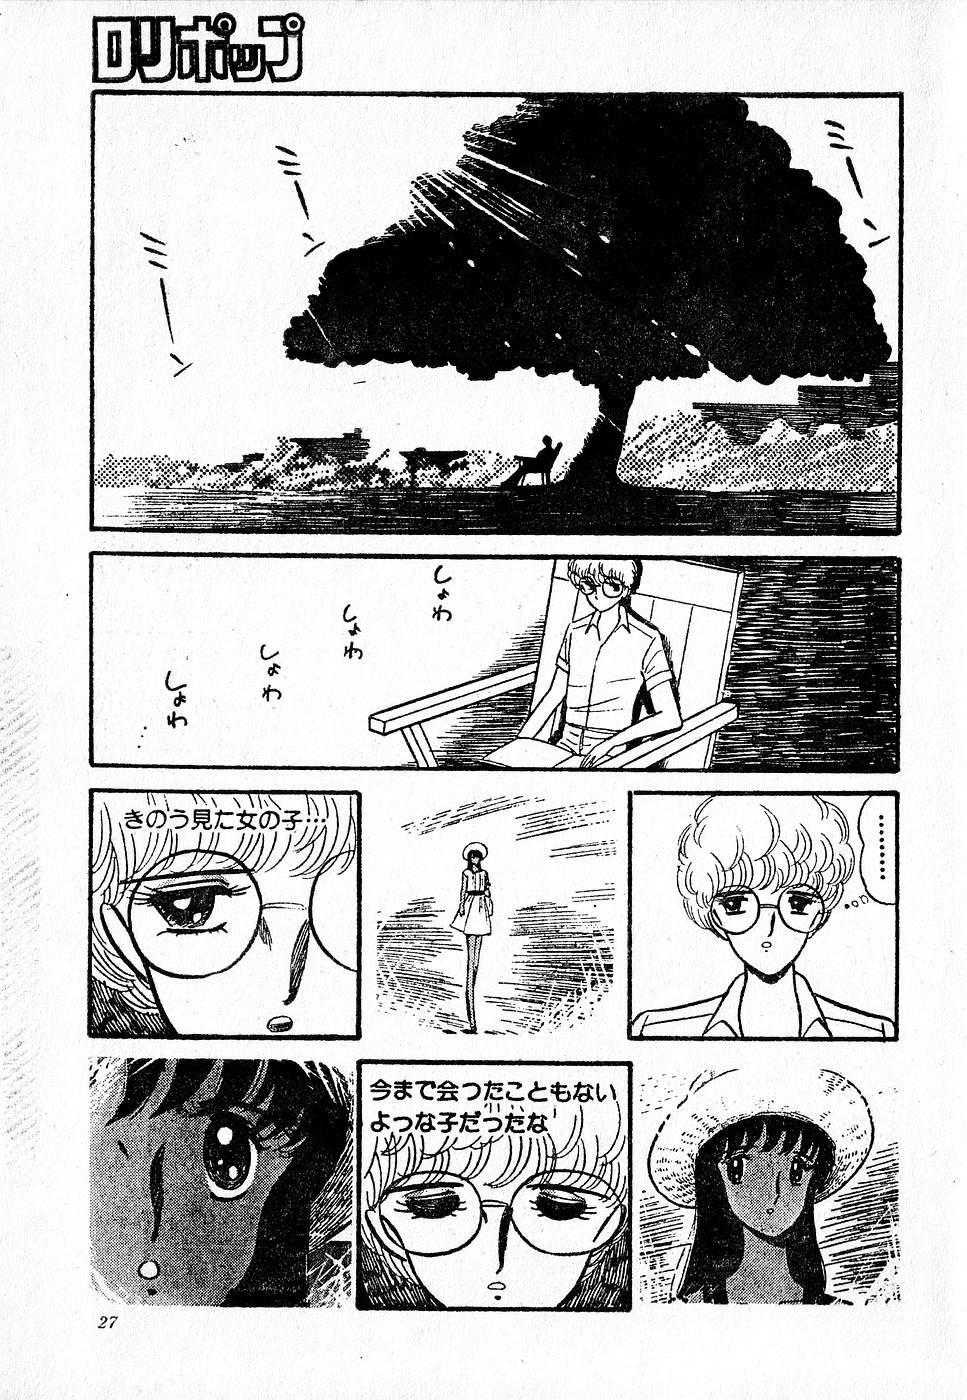 COMIC Lolipop 1985-10 Soukanjunbigou Aki 26